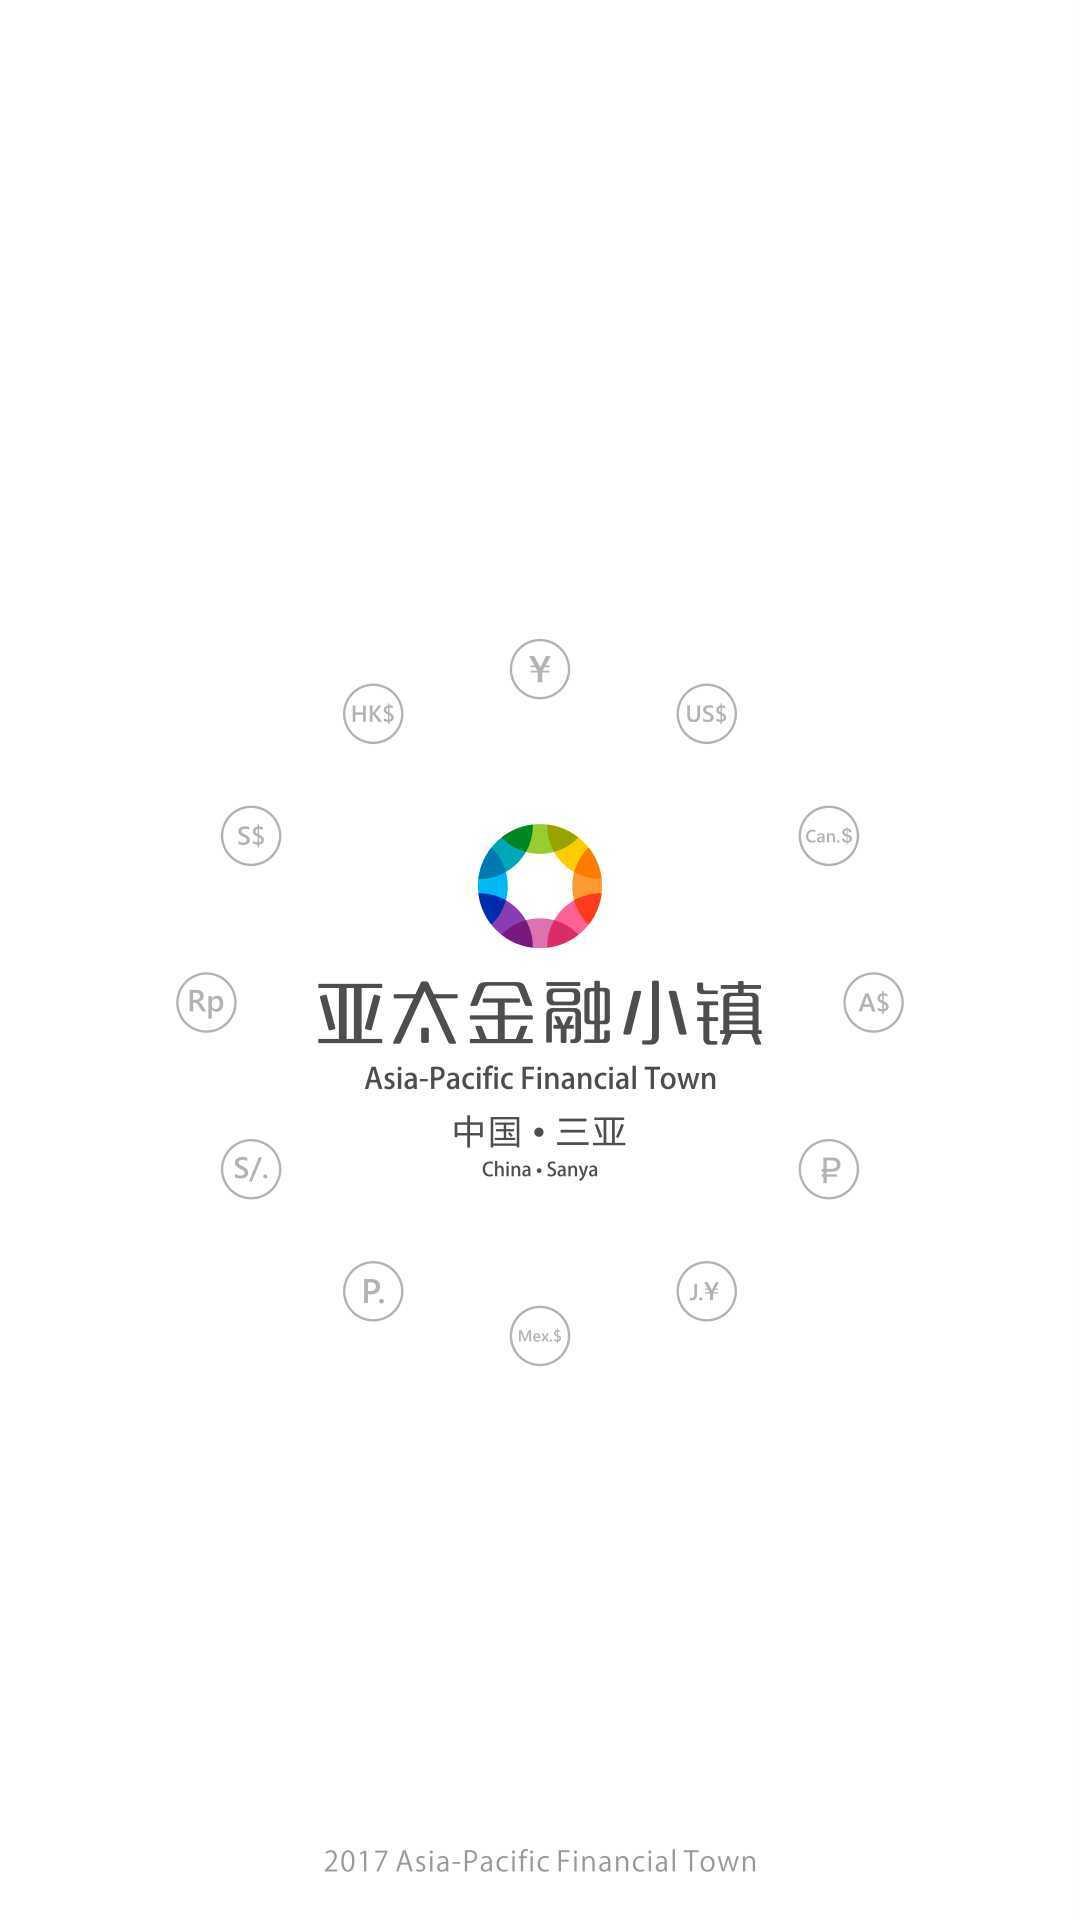 亚太金融镇